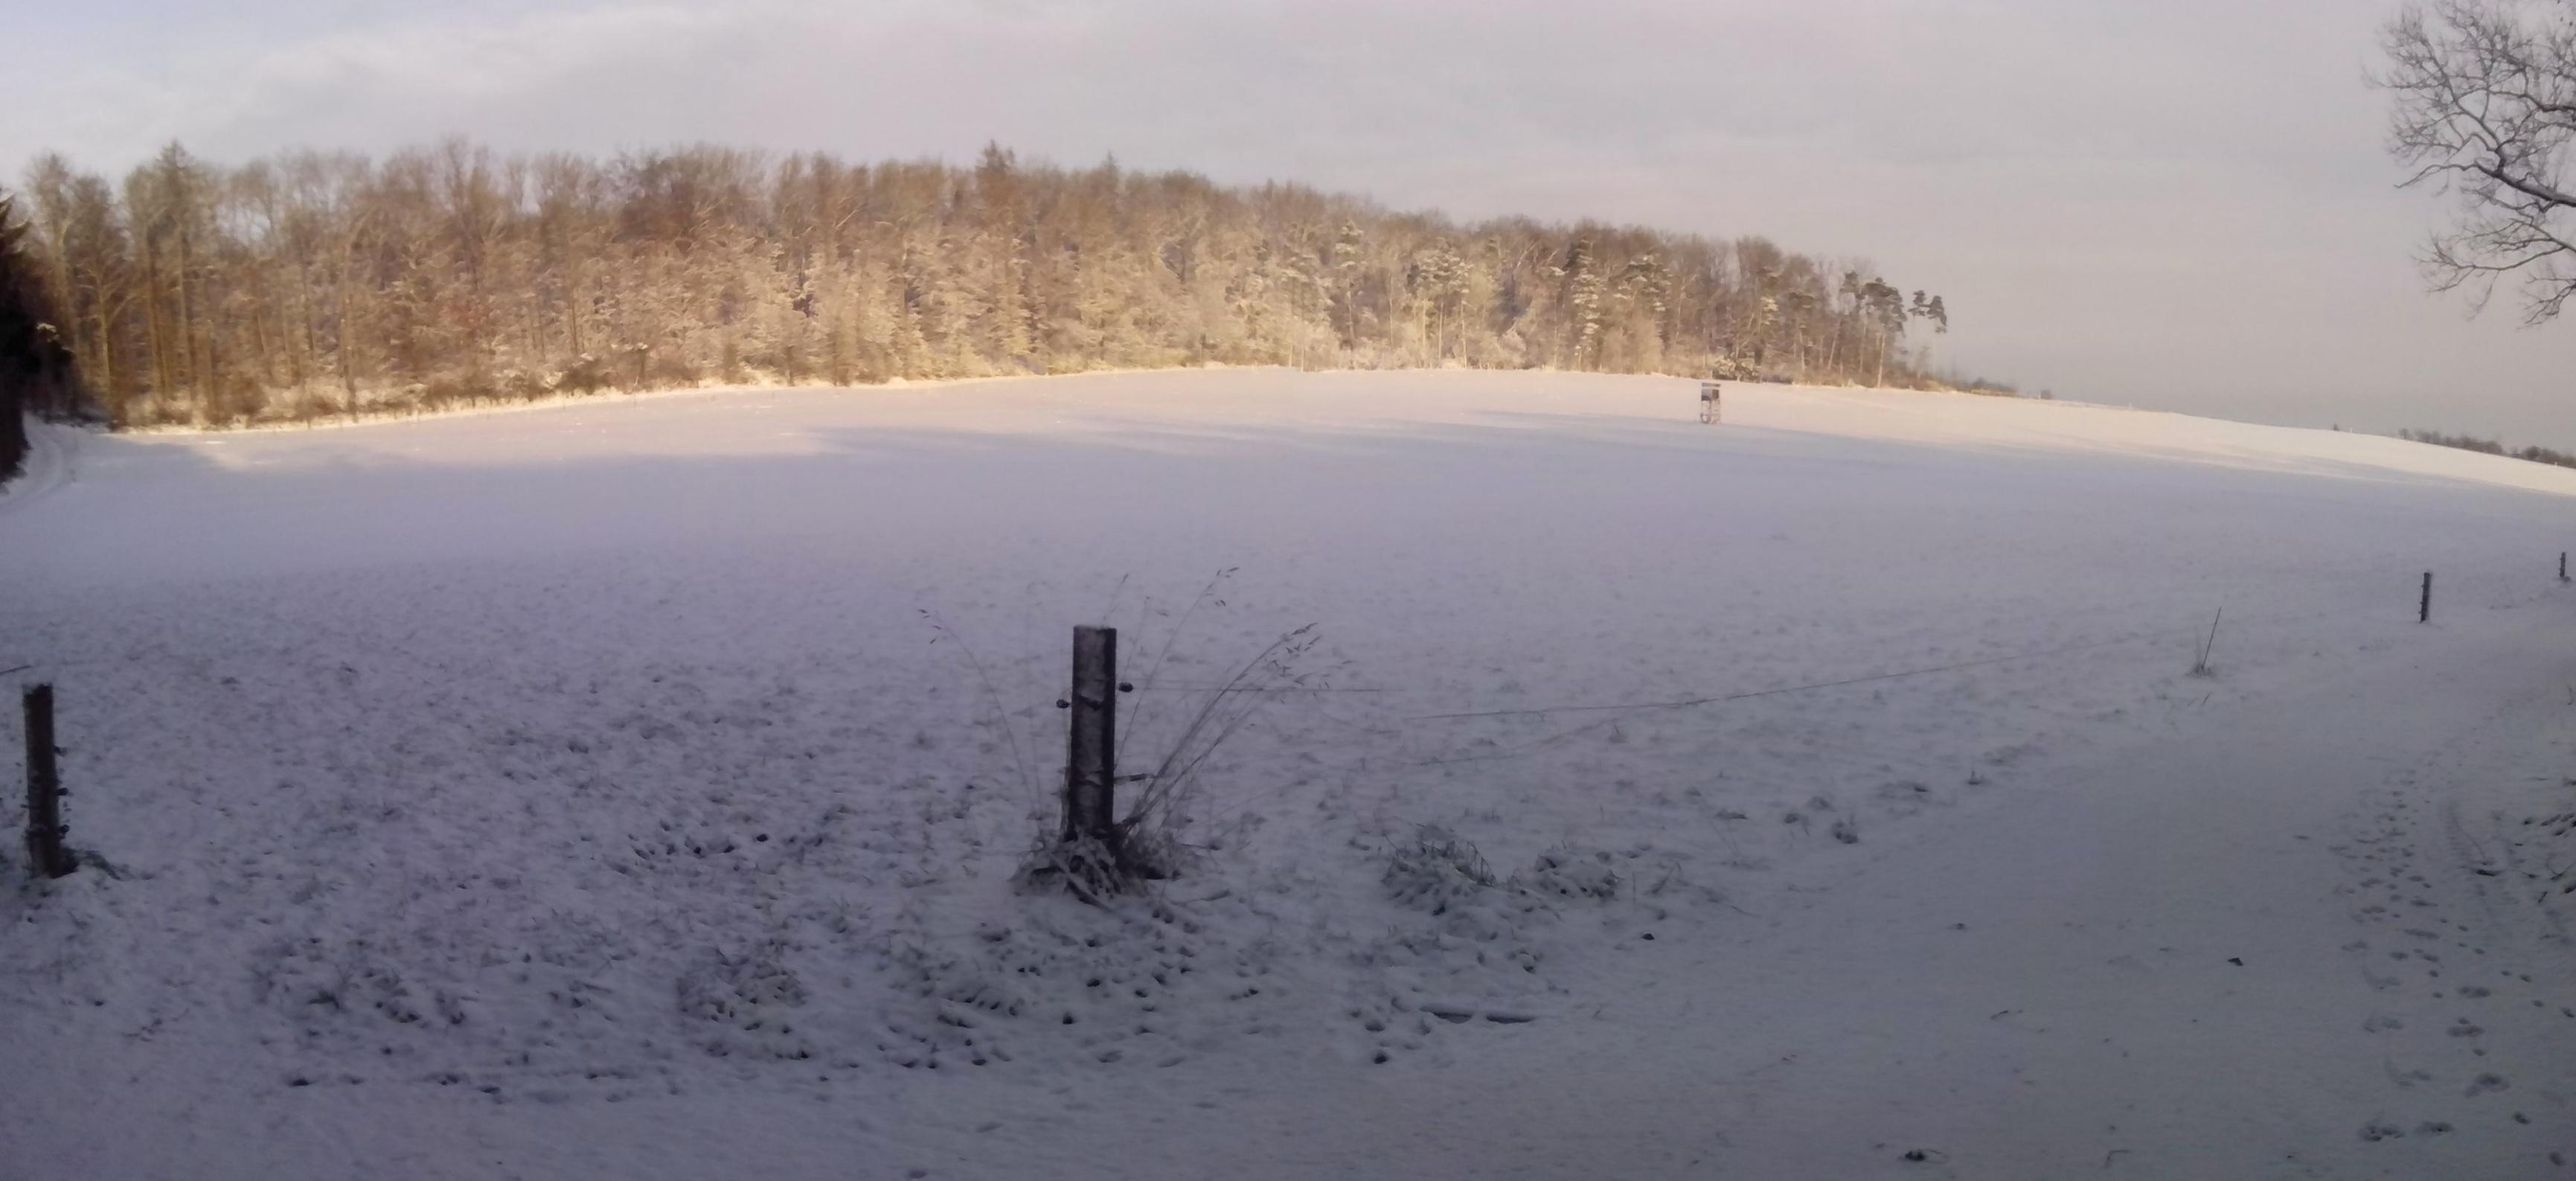 Winterlandschaft noch schöner wenn die Sonne scheint !